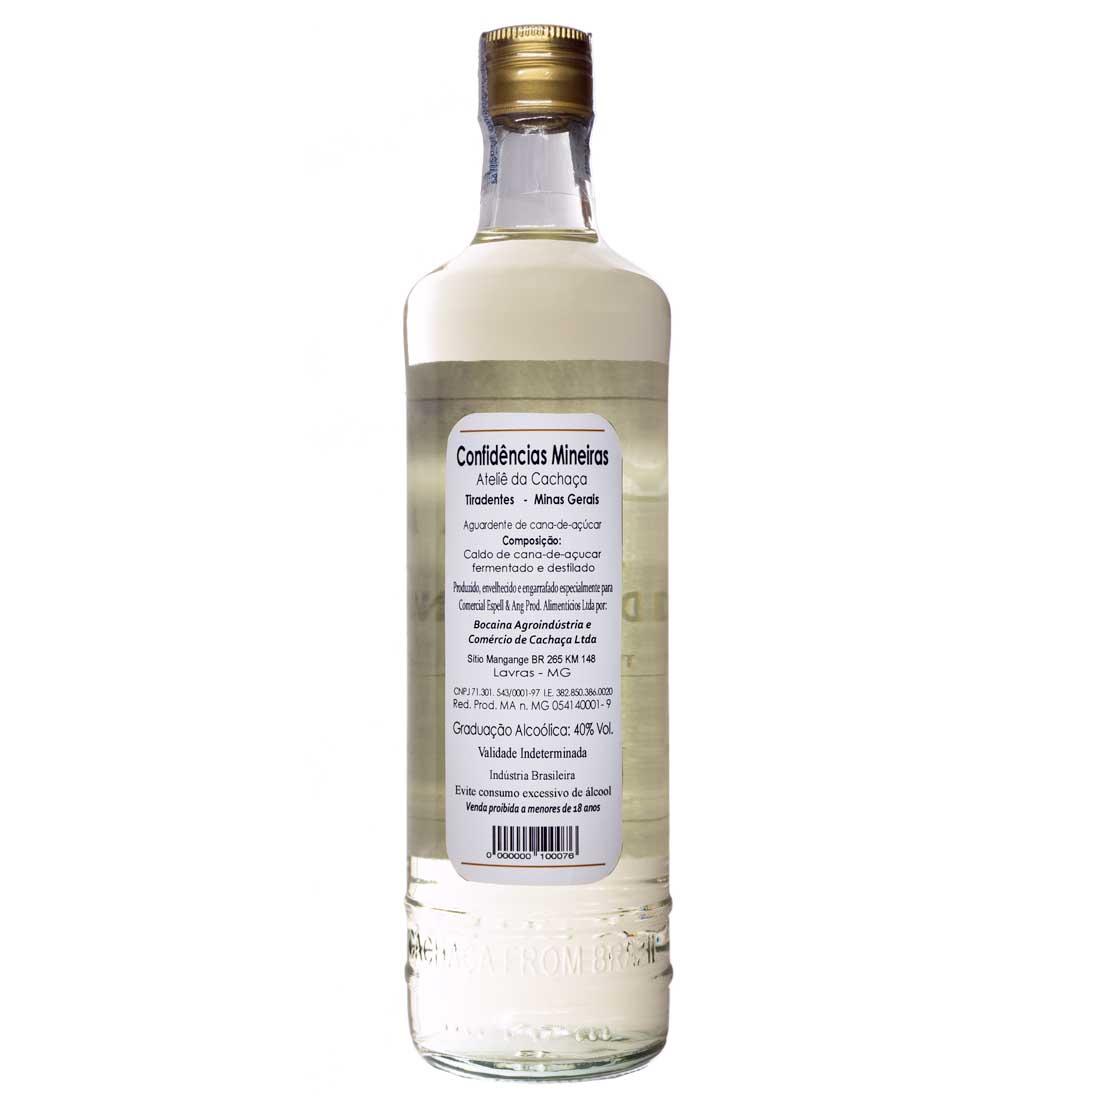 Cachaça Confidências Mineiras Prata 700 ml (Lavras - MG)